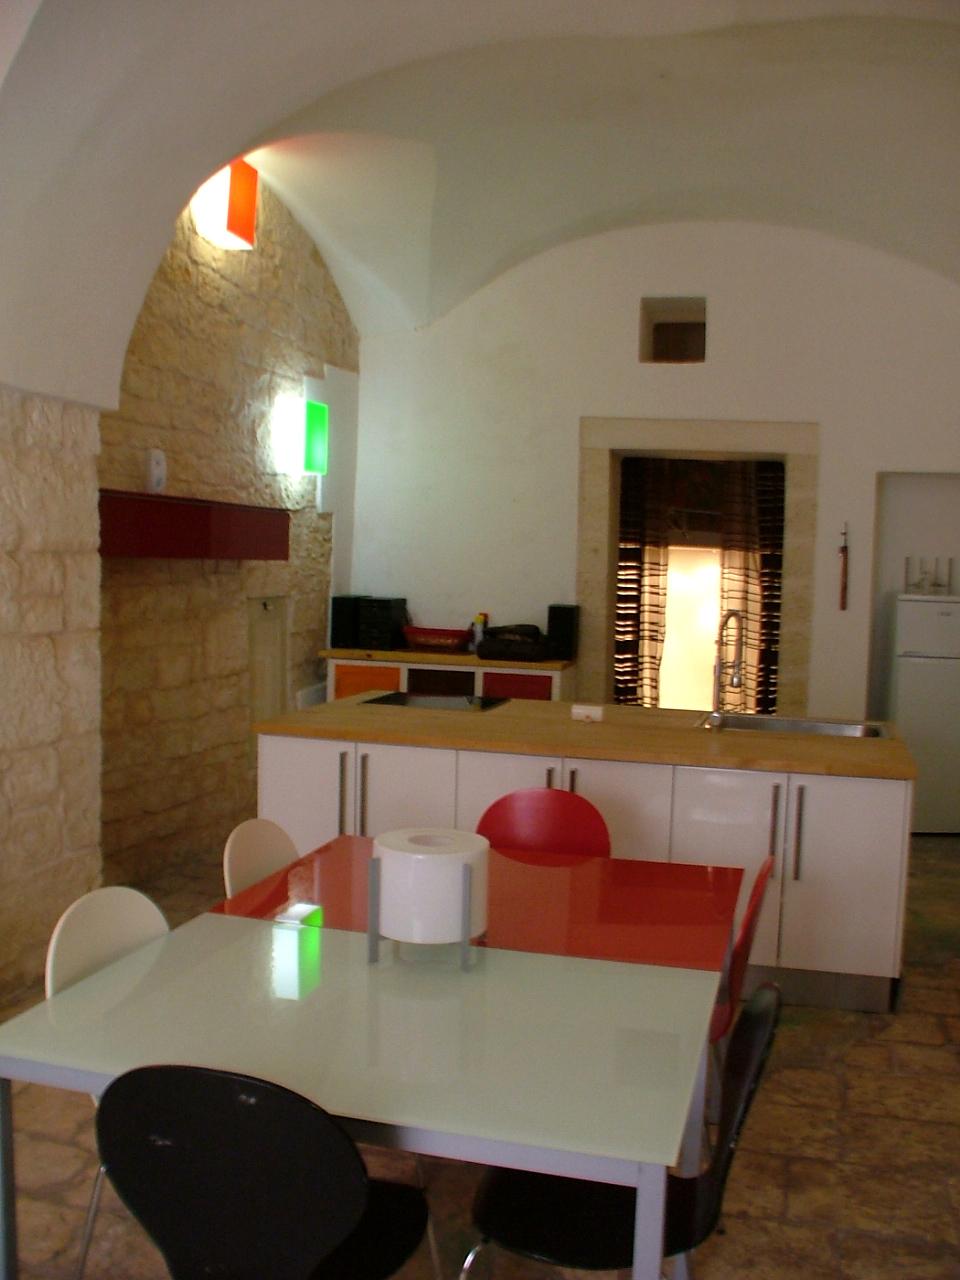 Soluzione Indipendente in vendita a Ostuni, 3 locali, prezzo € 120.000 | Cambio Casa.it